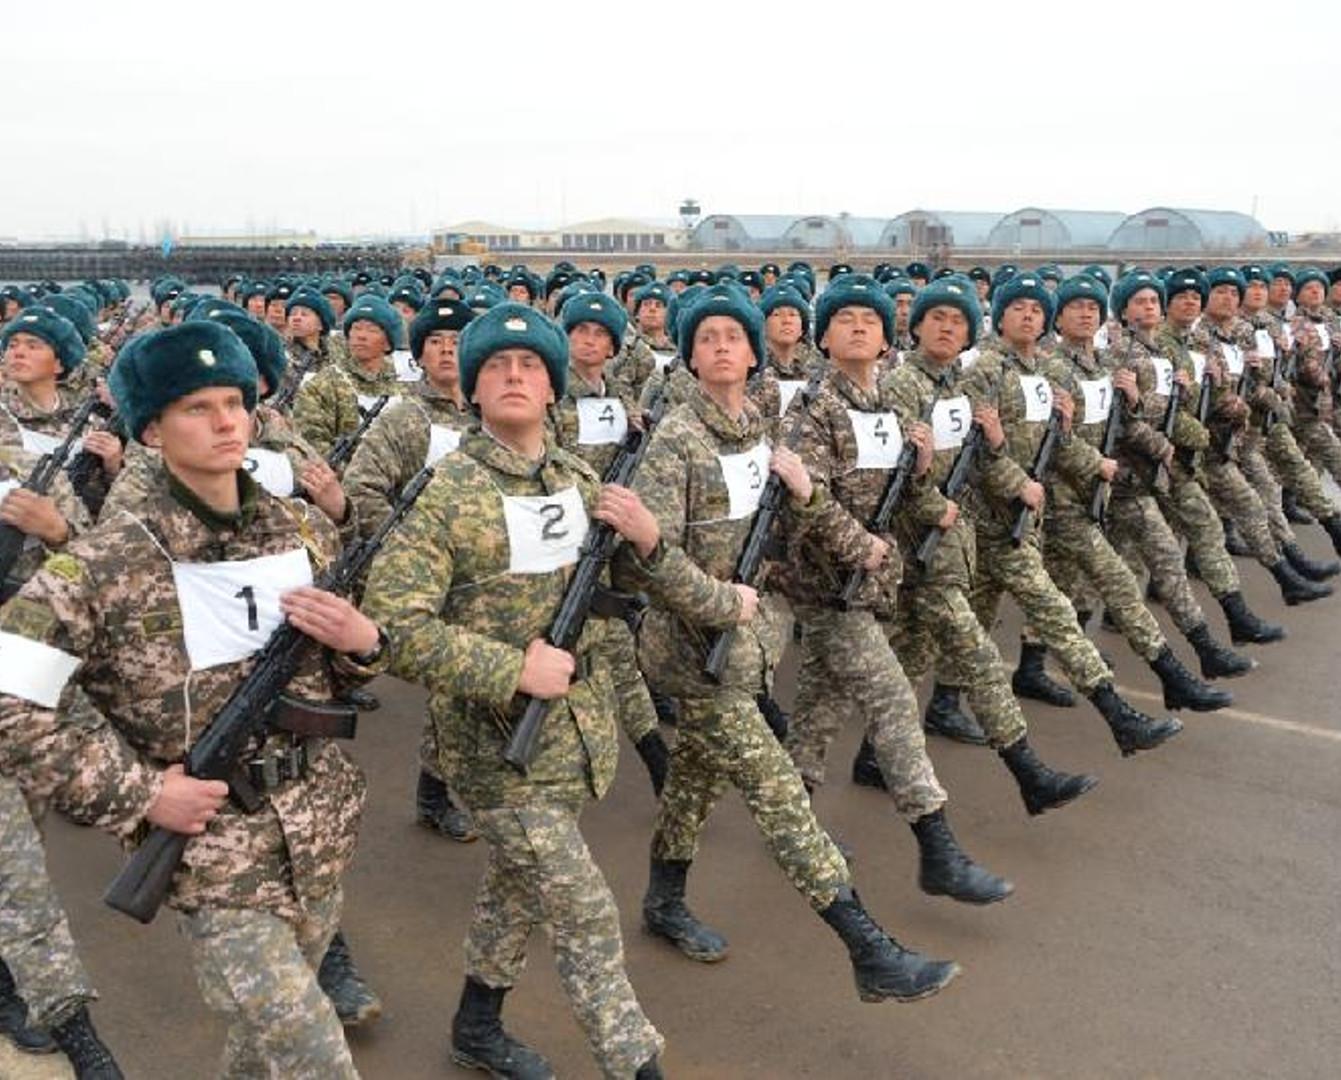 Astana prepares for military parade